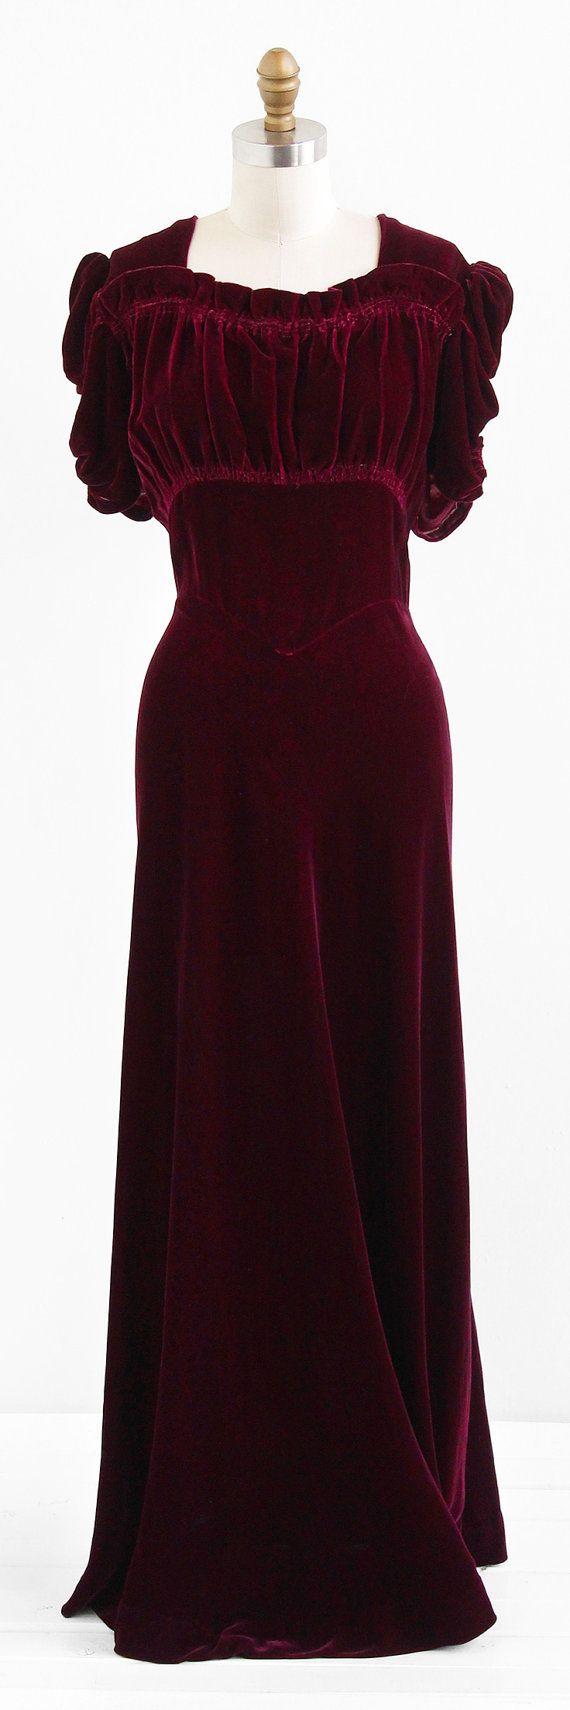 Look for less velvet dress on the hunt - R E S E R V E D Vintage 1930s Dress 30s Silk Velvet Dress Red Burgundy Silk Velvet Holiday Evening Gown